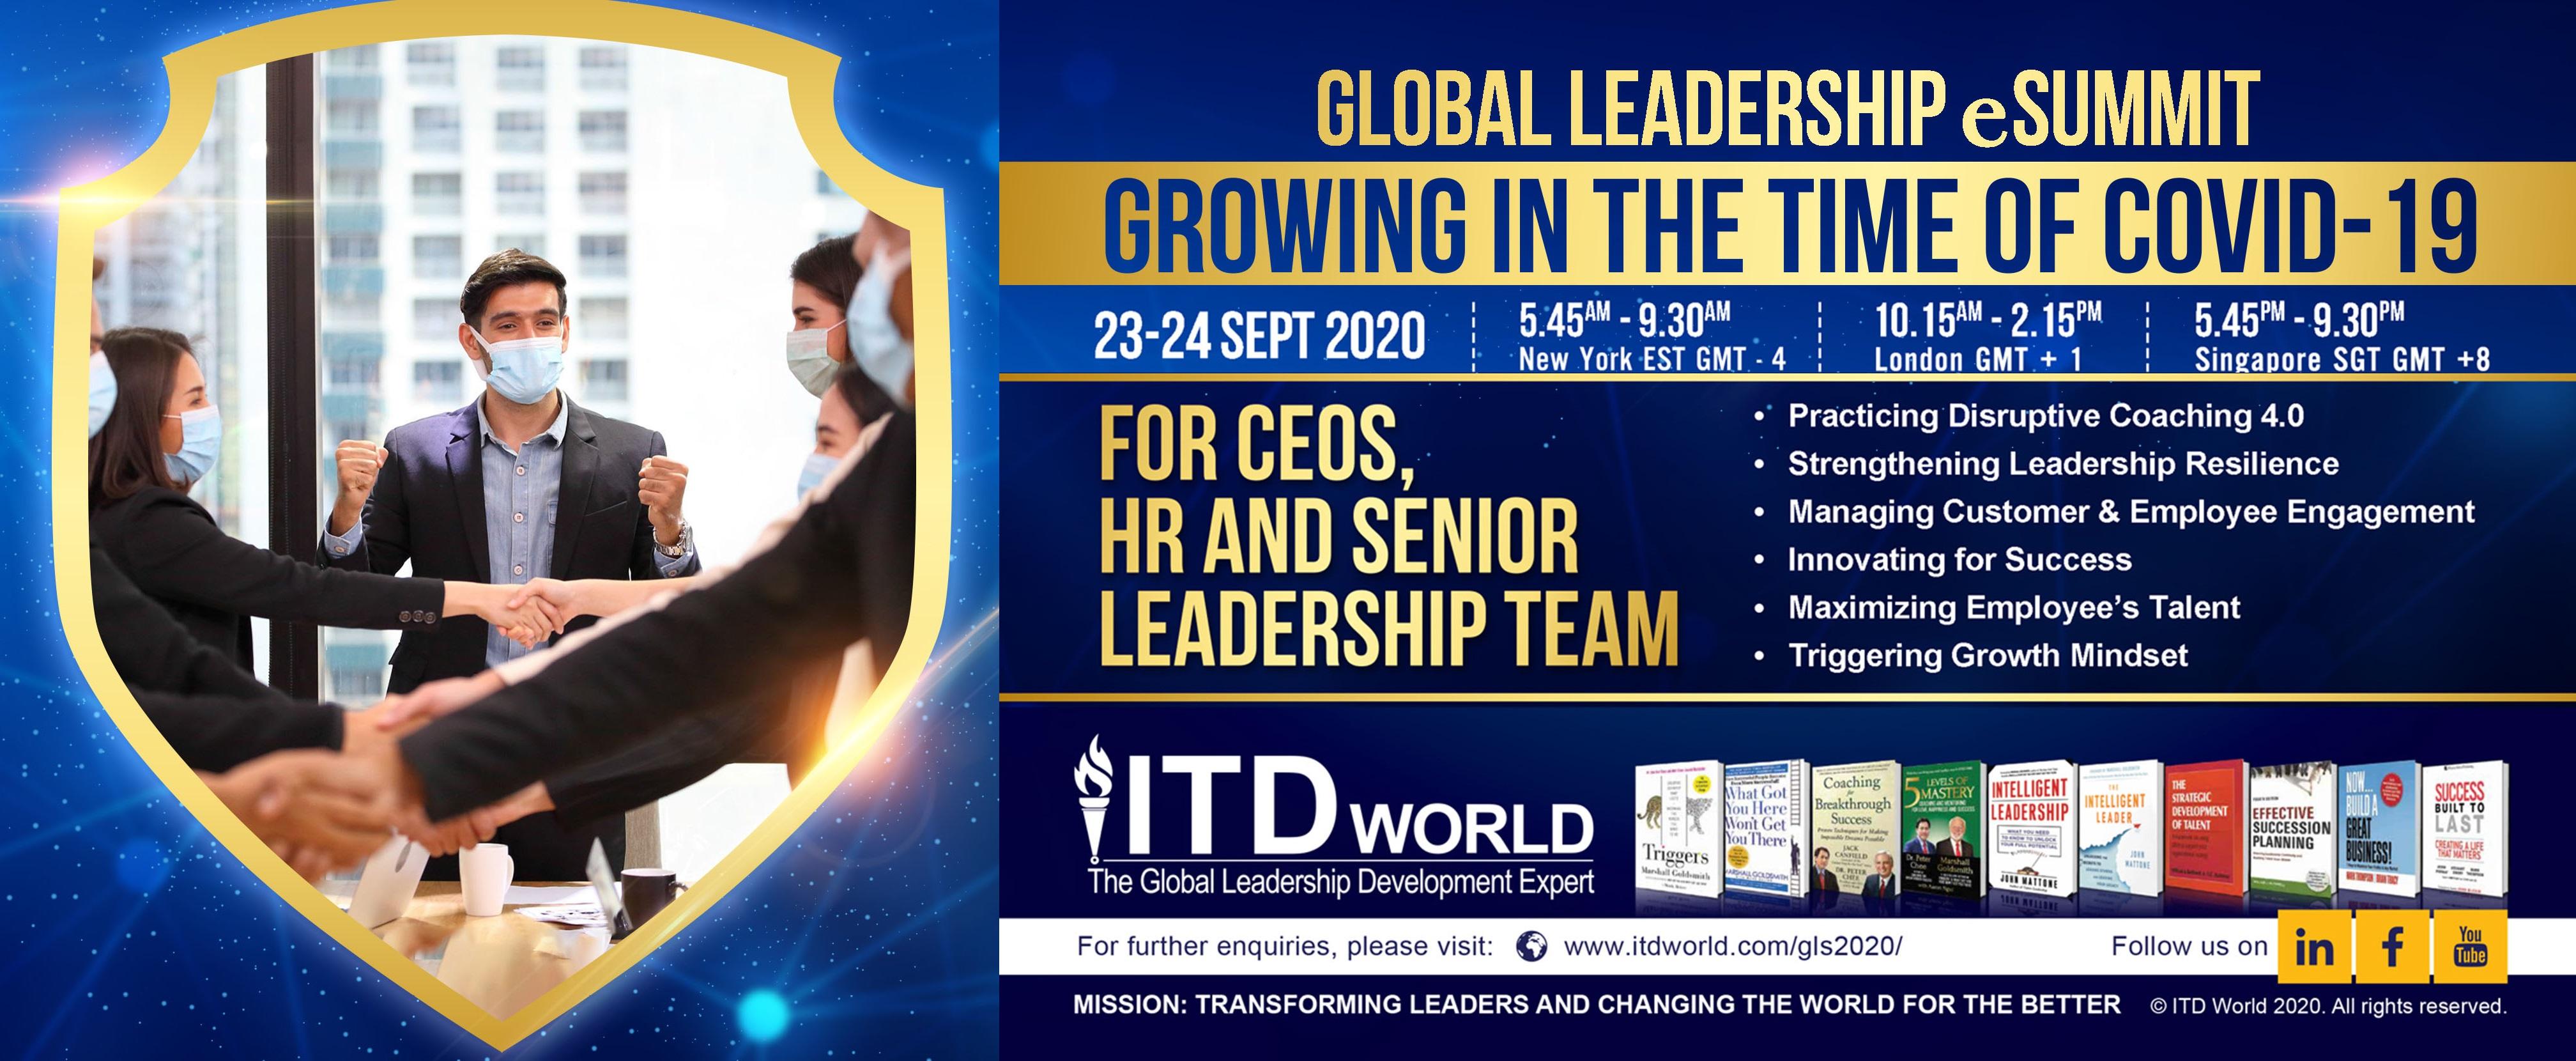 Global Leadership e-Summit (GLS) 2020